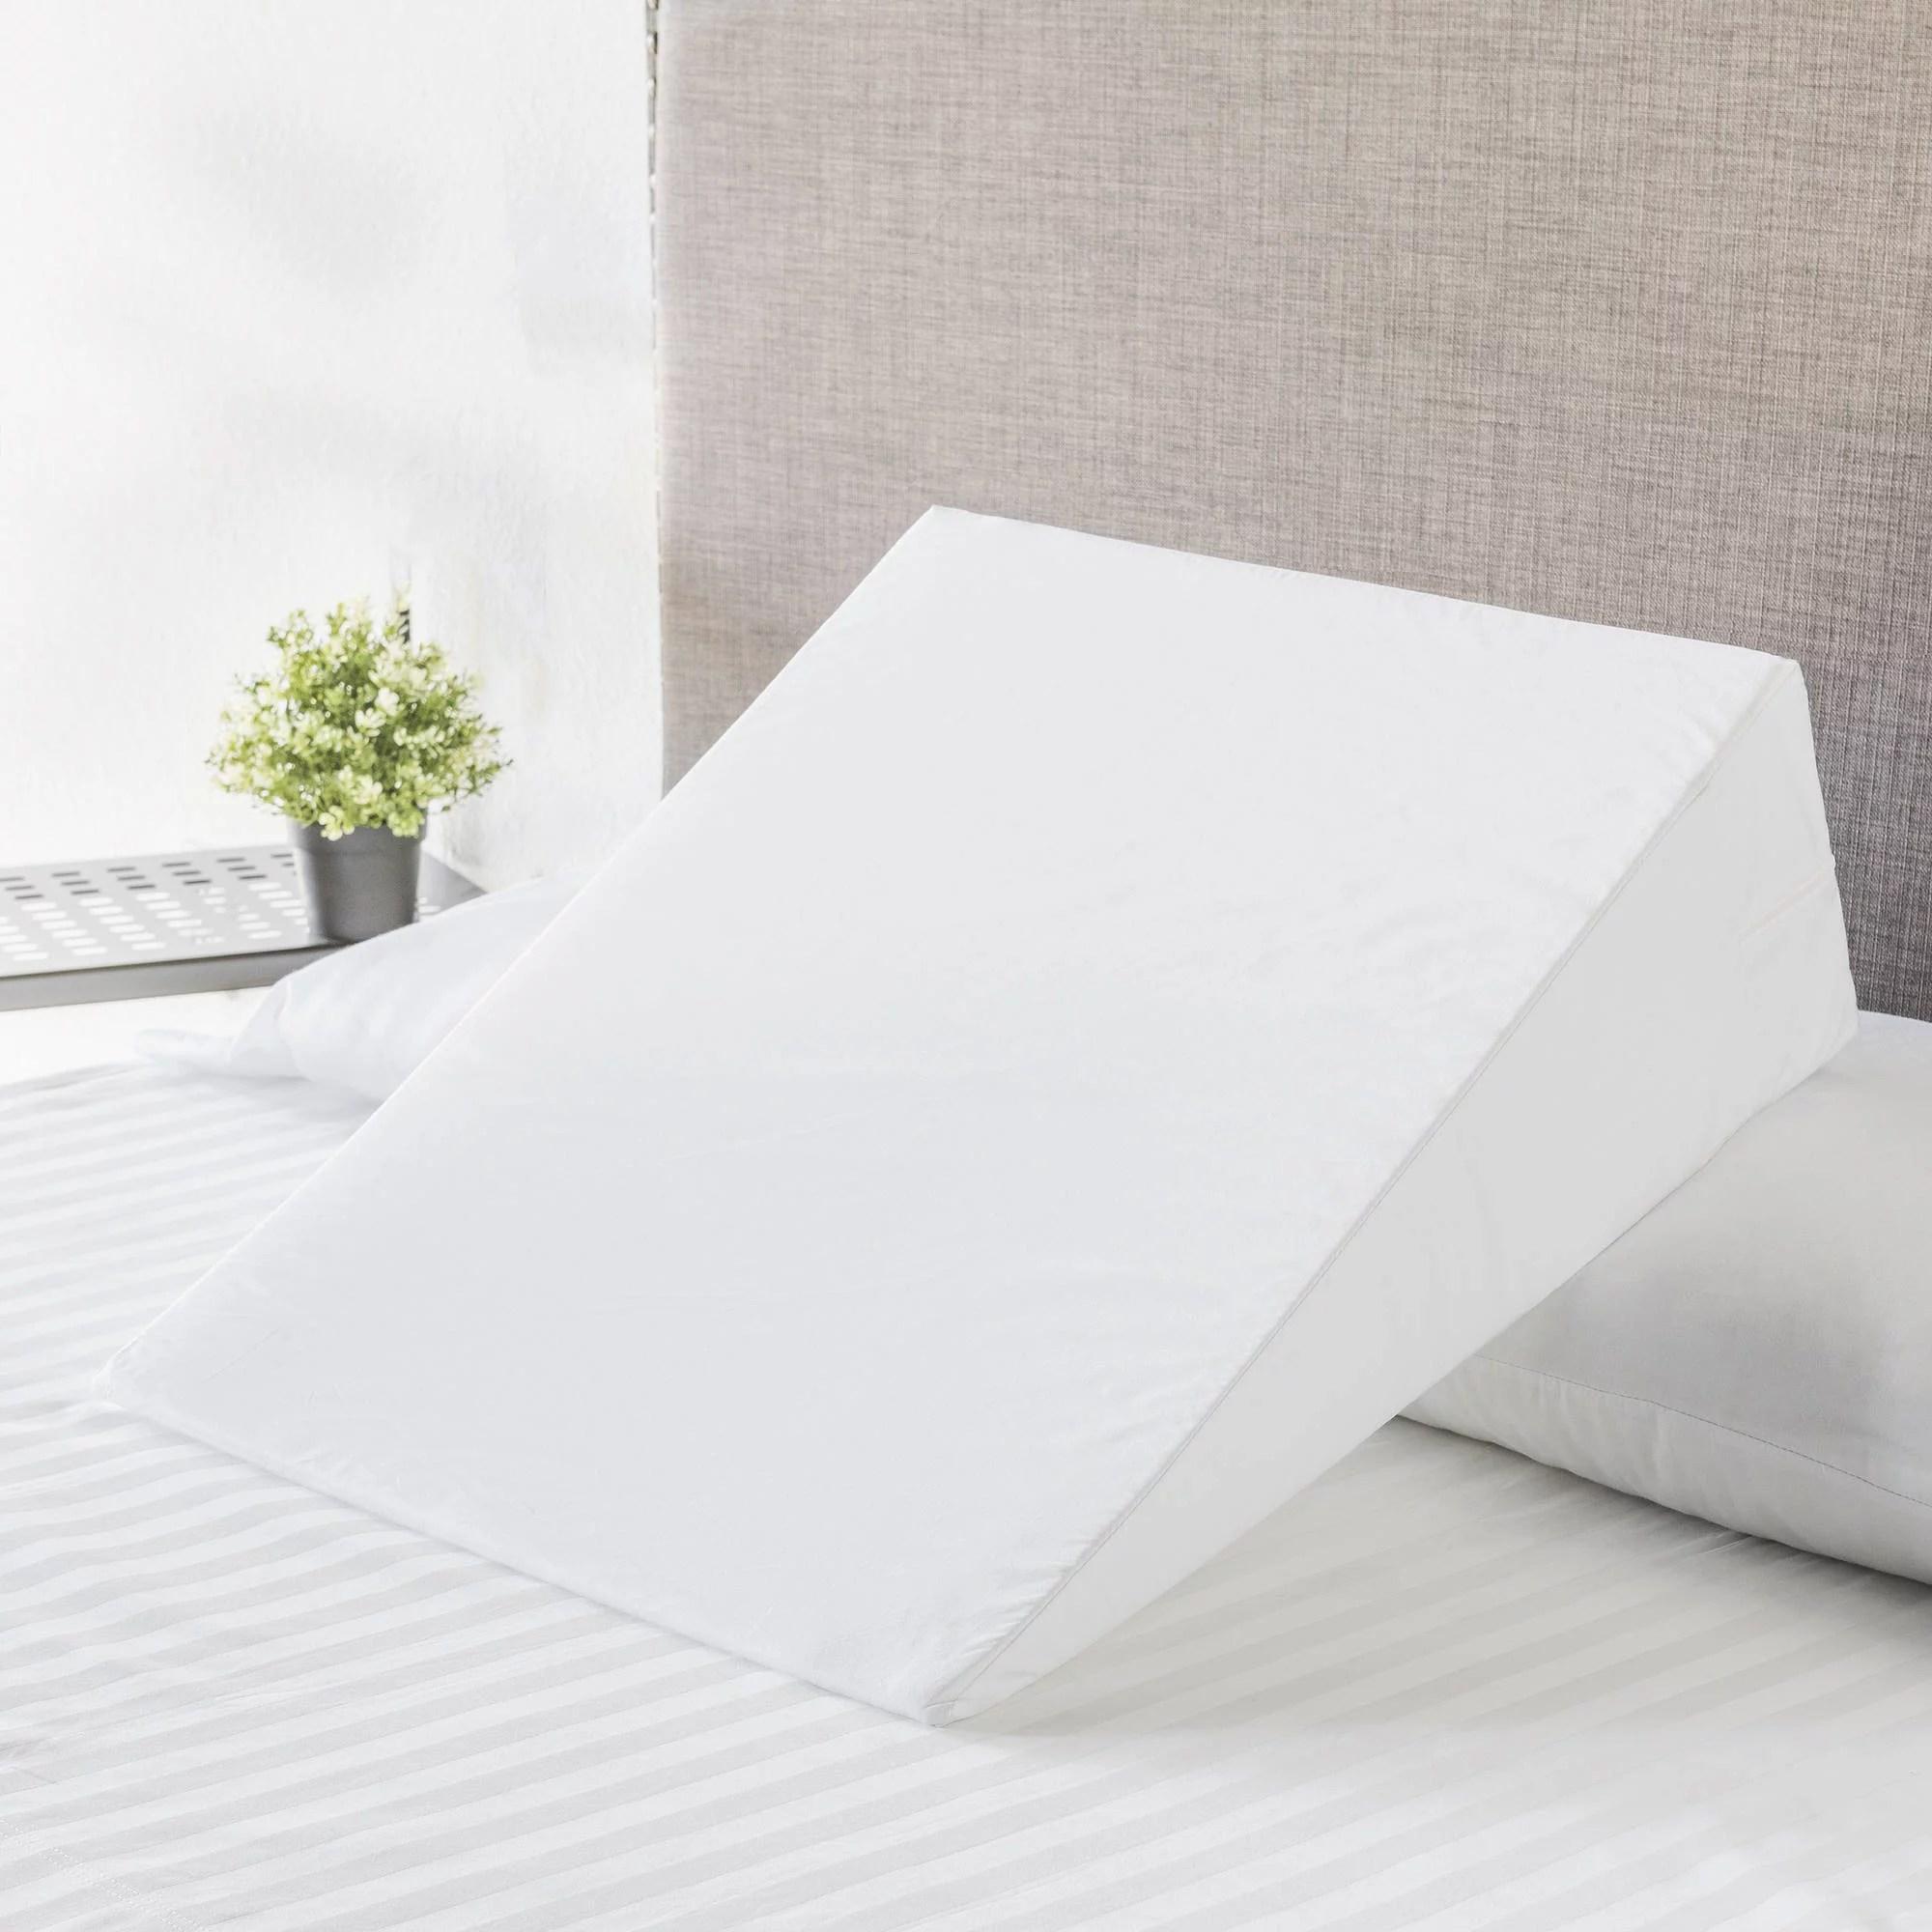 mainstays foam bed wedge pillow 1 each walmart com